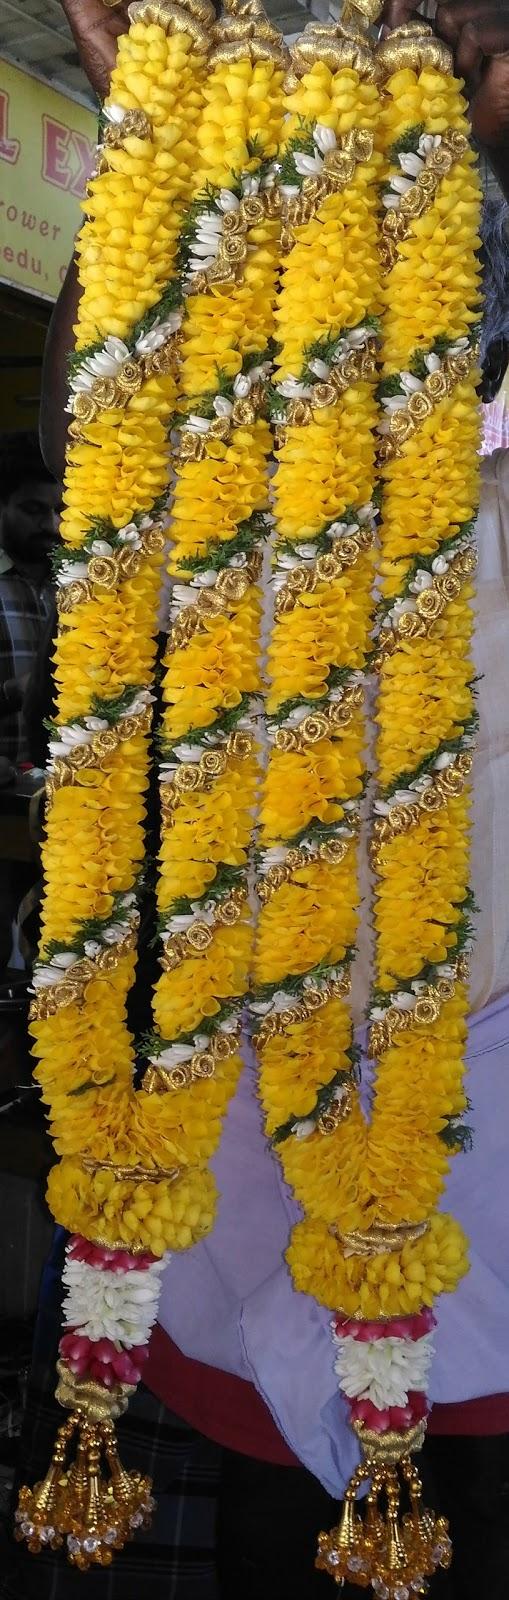 Flower Garlands And Event Management November 2017